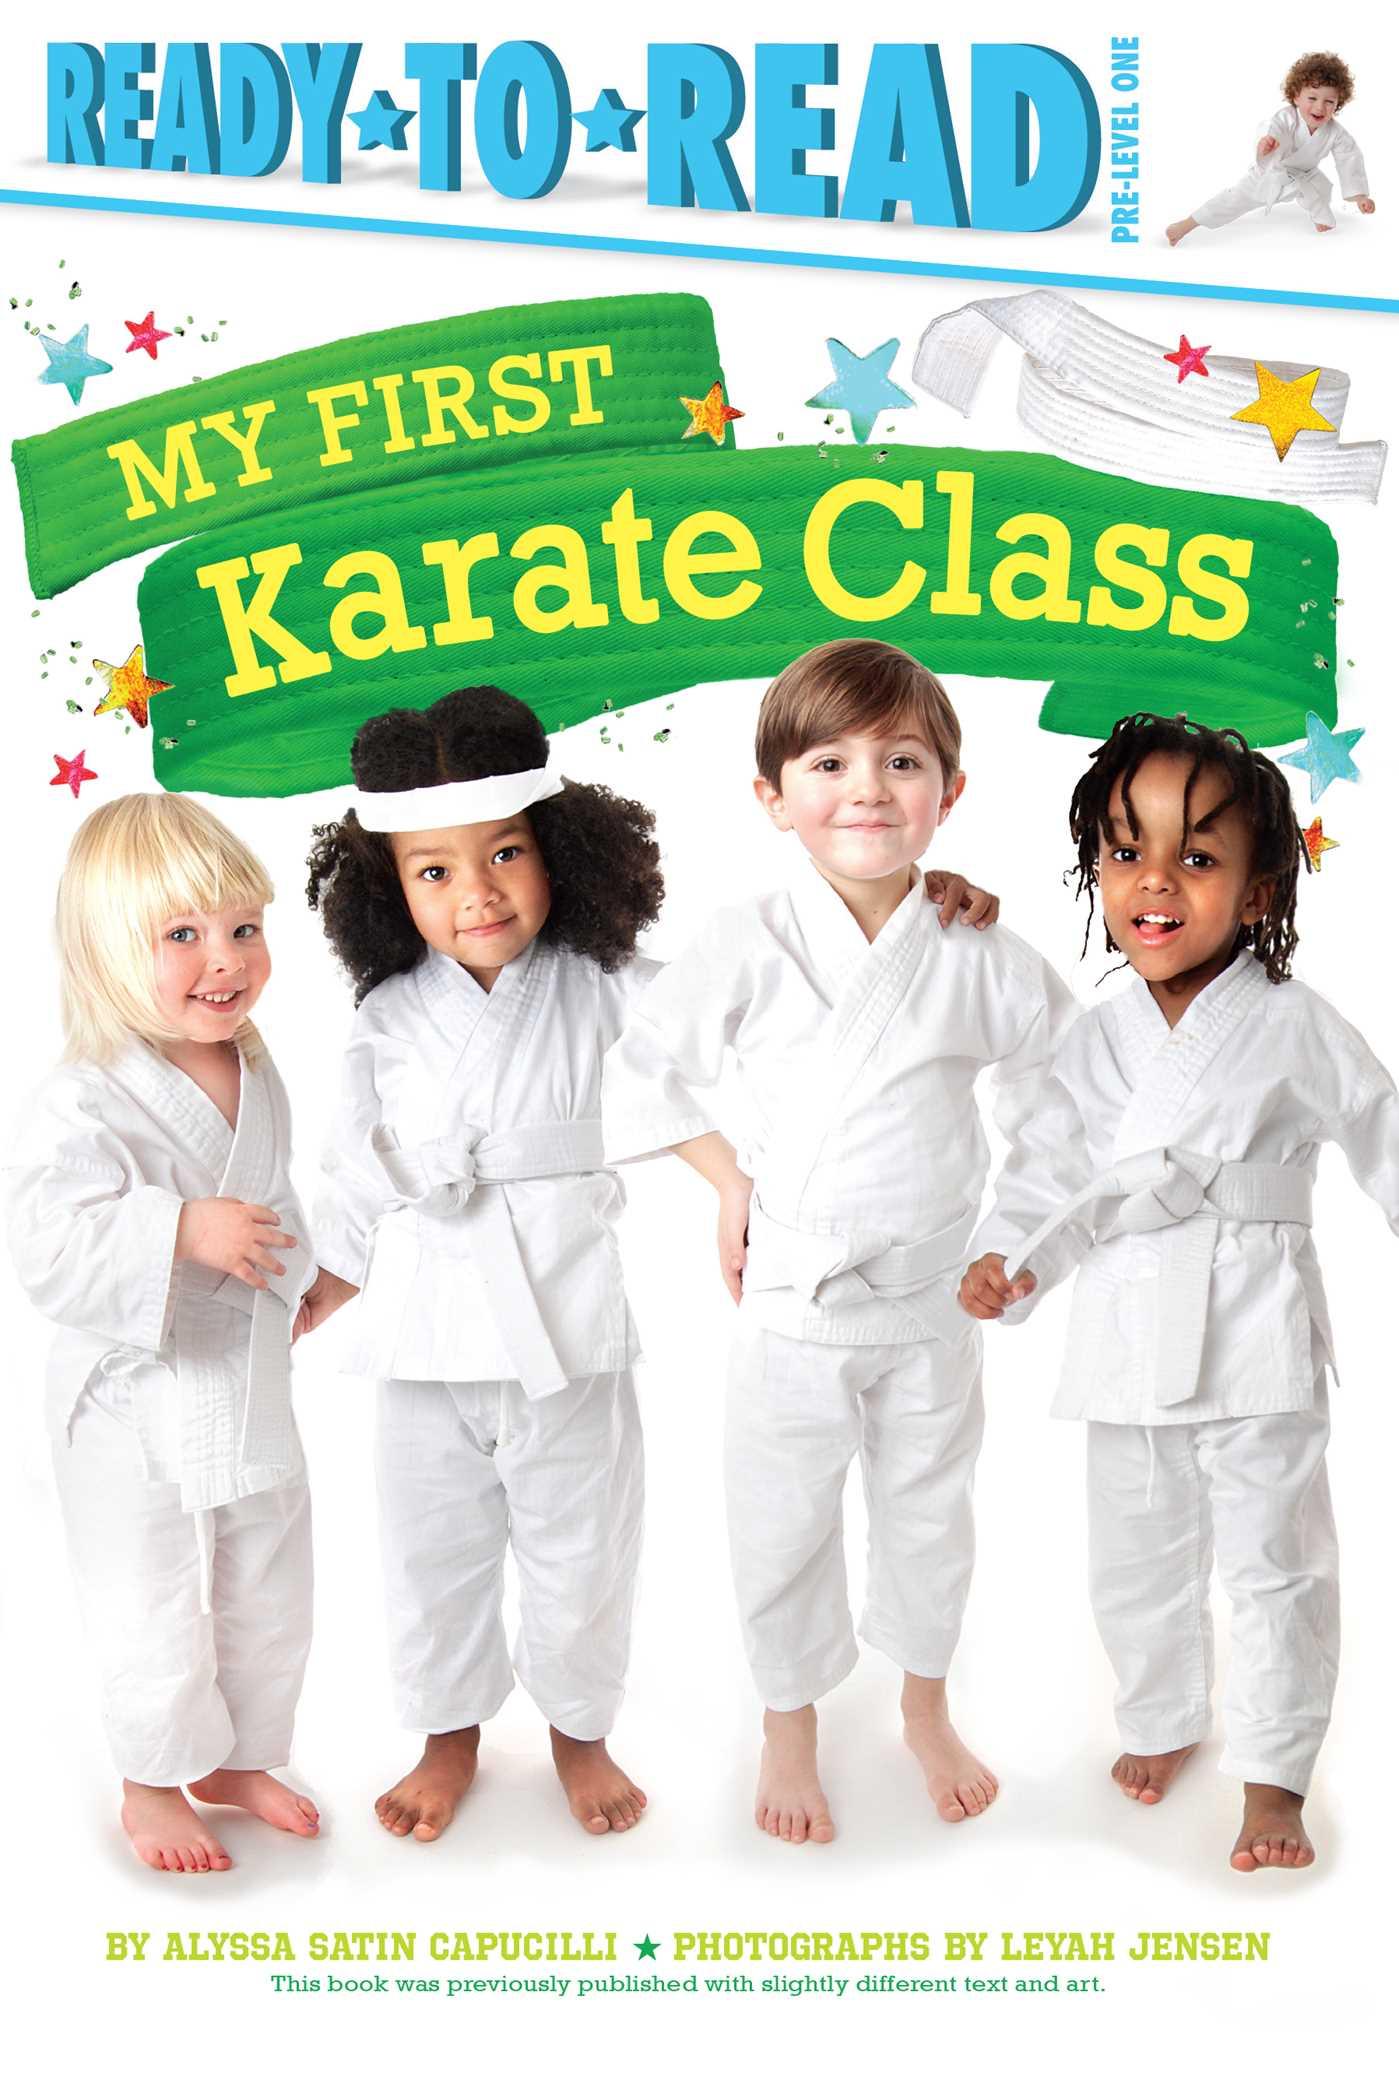 My first karate class 9781481479318 hr